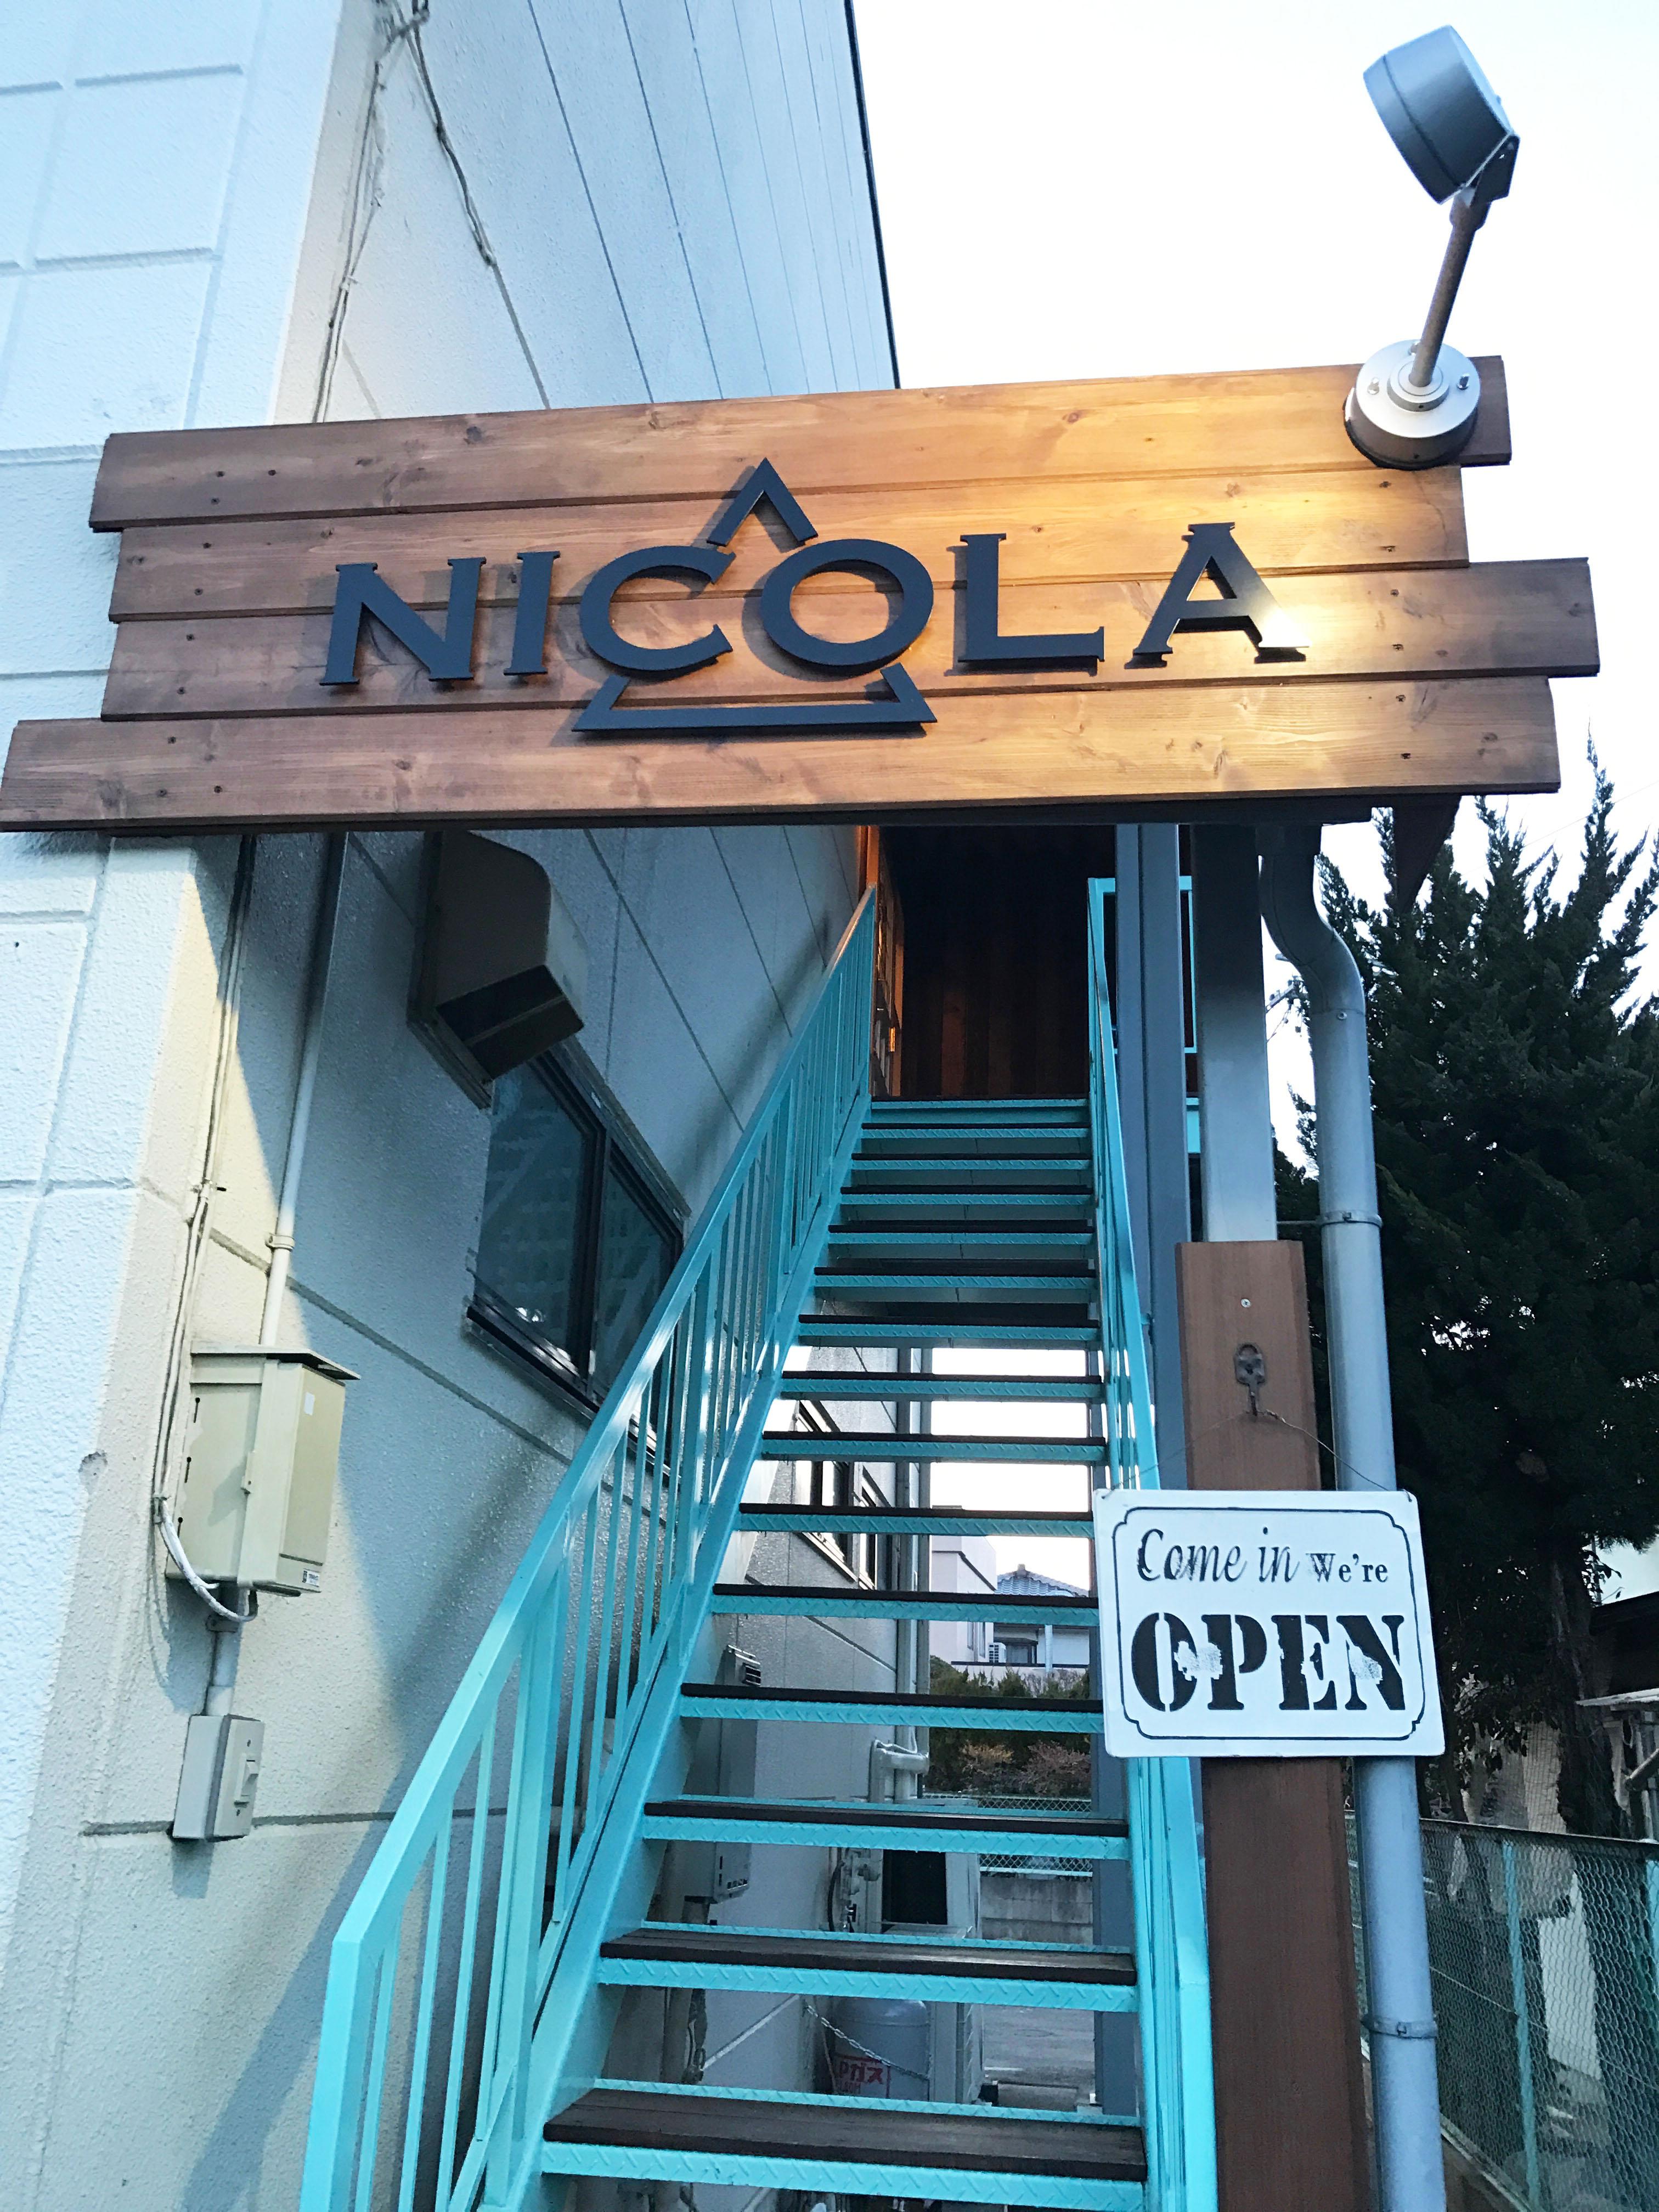 全国で1%しかできない高濃度髪質改善もできる美容室「NICOLA」